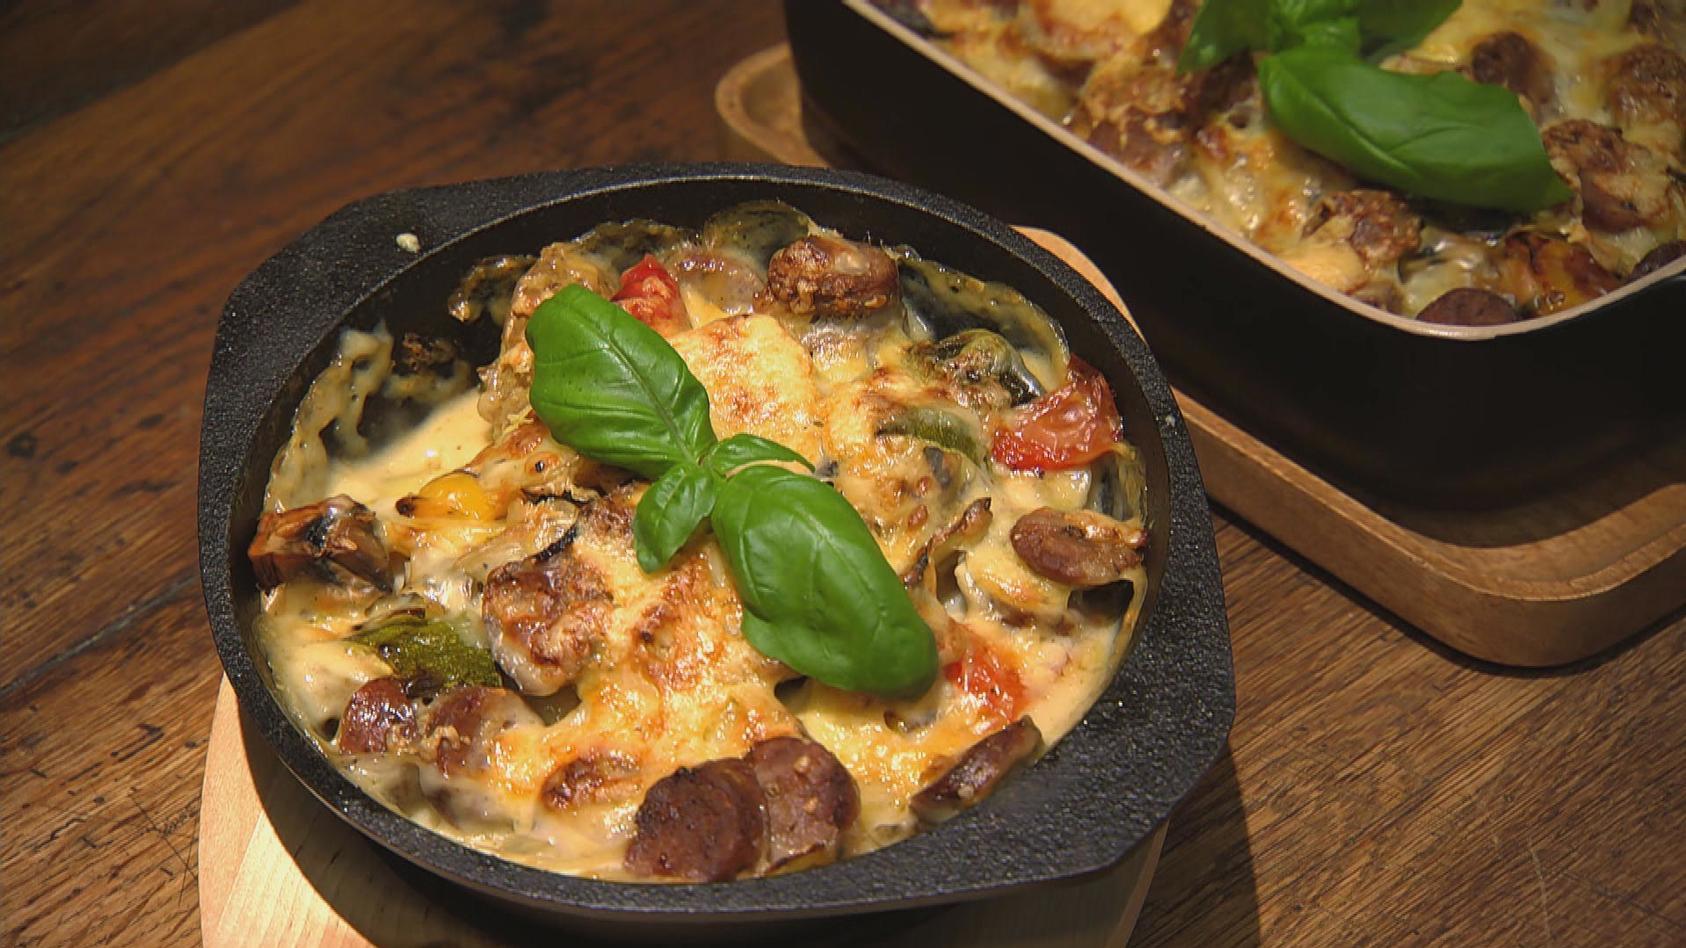 Das Reste zum Schluss - Aus Resten tolle Gerichte zaubern: Bratwürstchen-Kartoffelauflauf mit Béchamelsauce